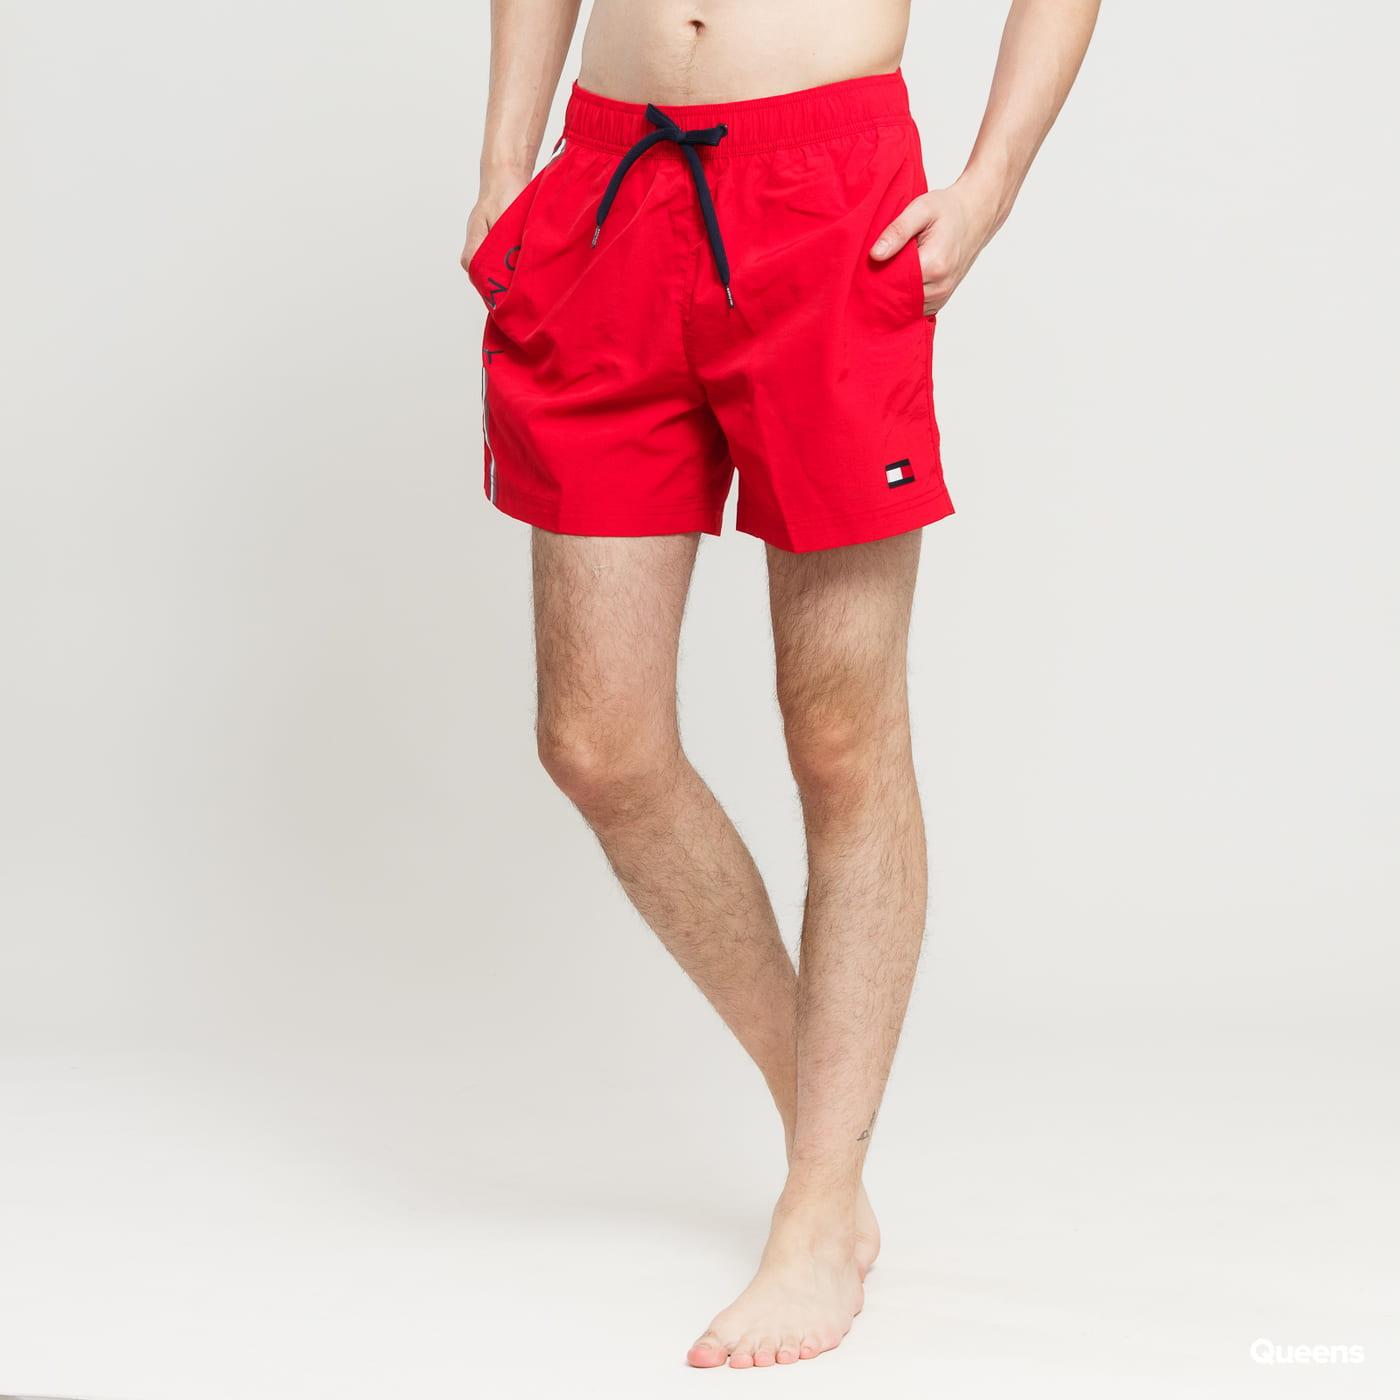 281cccd170 Men Swim Shorts Tommy Hilfiger Slim Fit Medium Drawstring red   navy    white (UM0UM01416 669) – Queens 💚